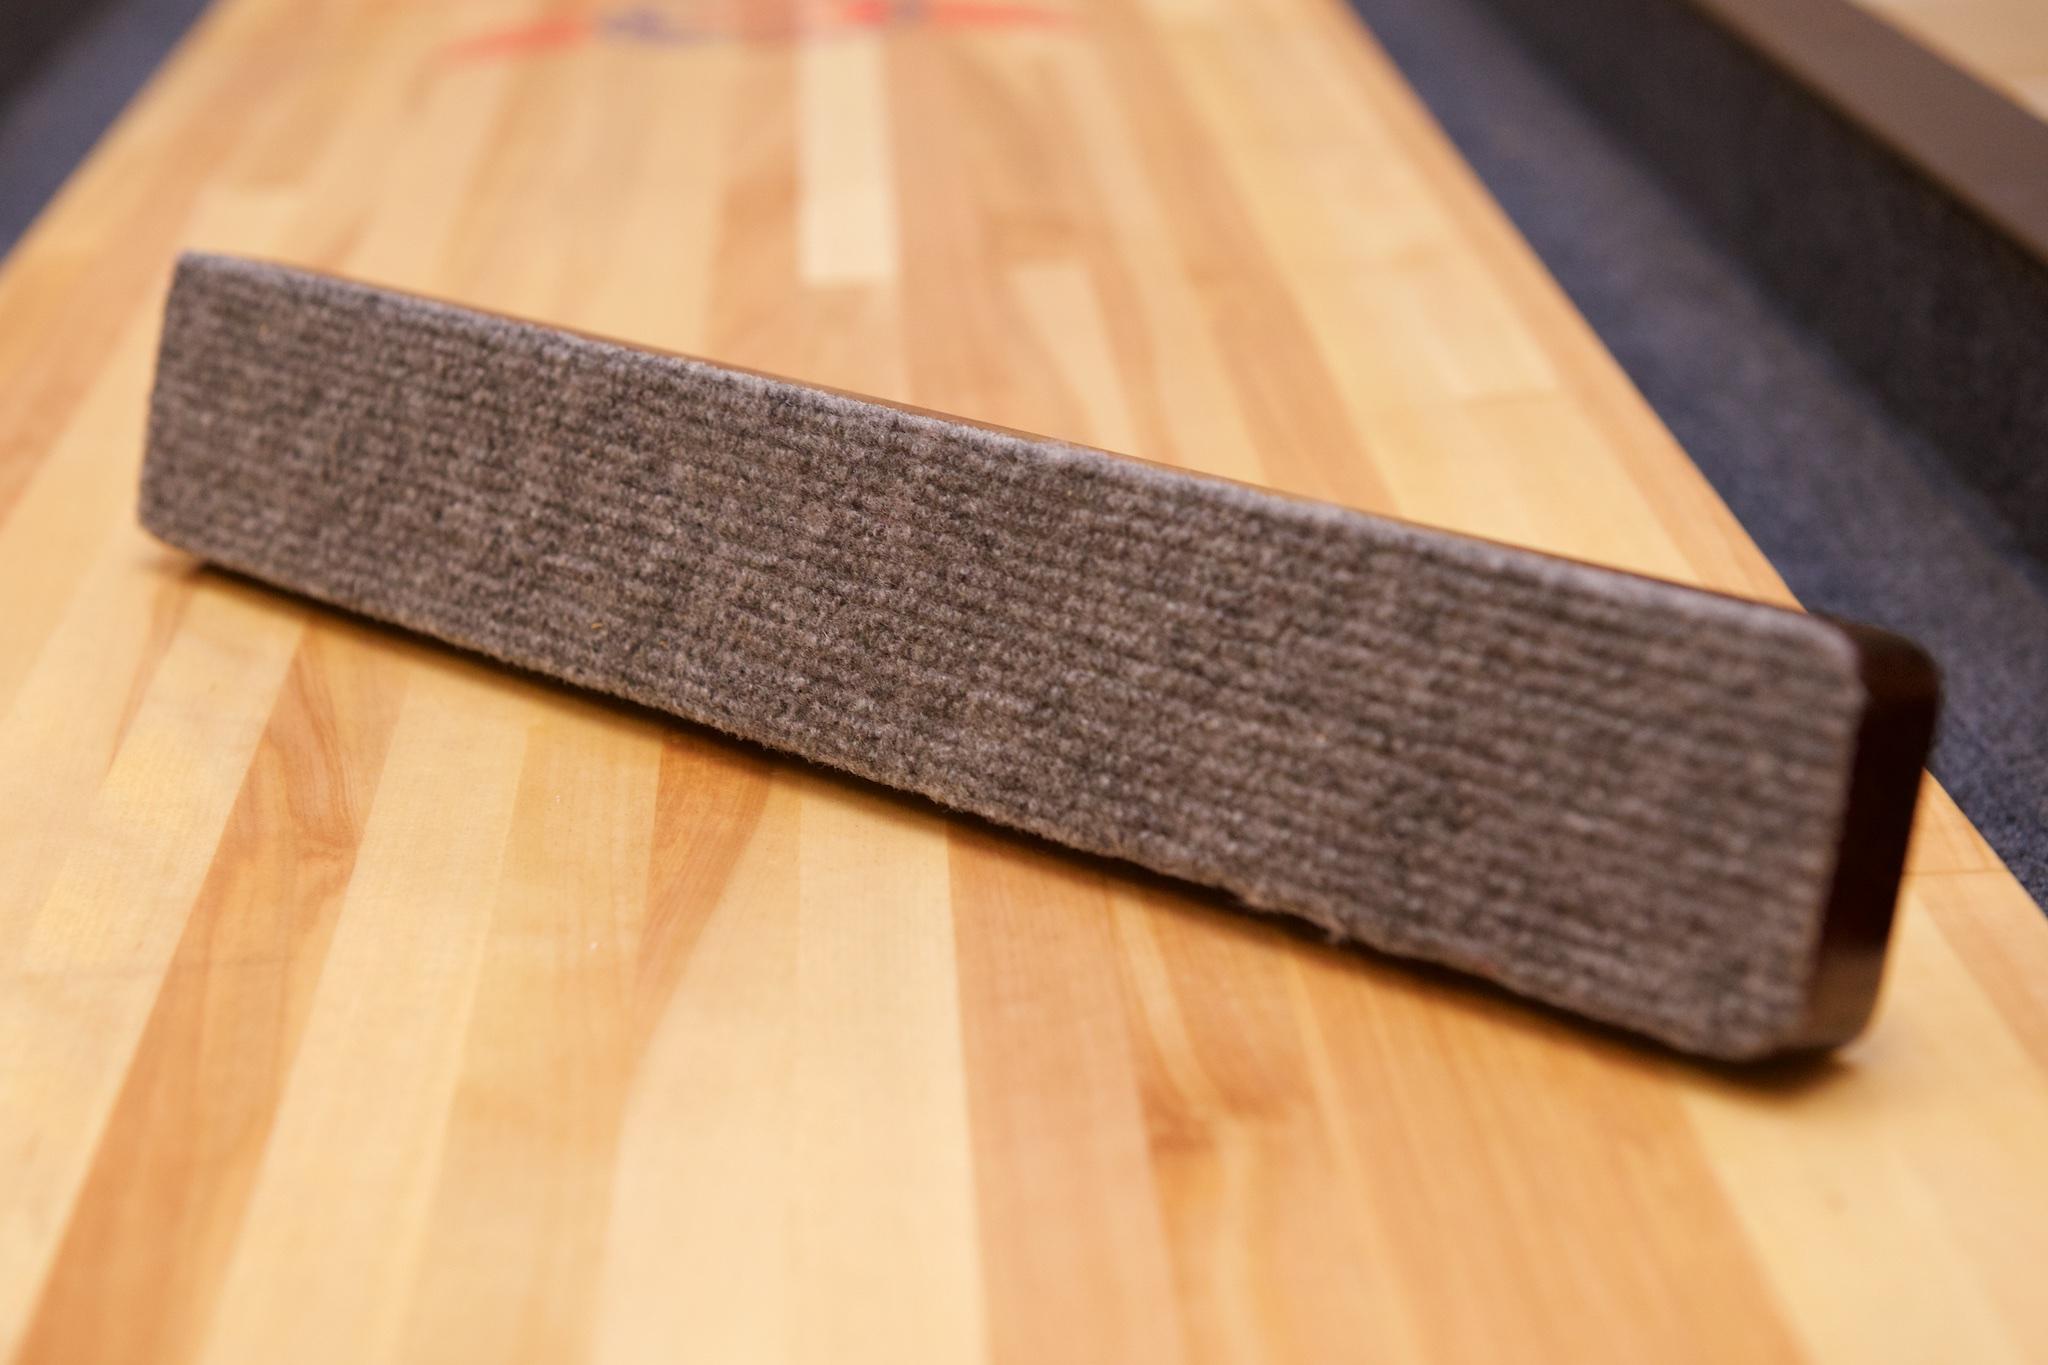 Shuffleboardkost og børste på undersiden